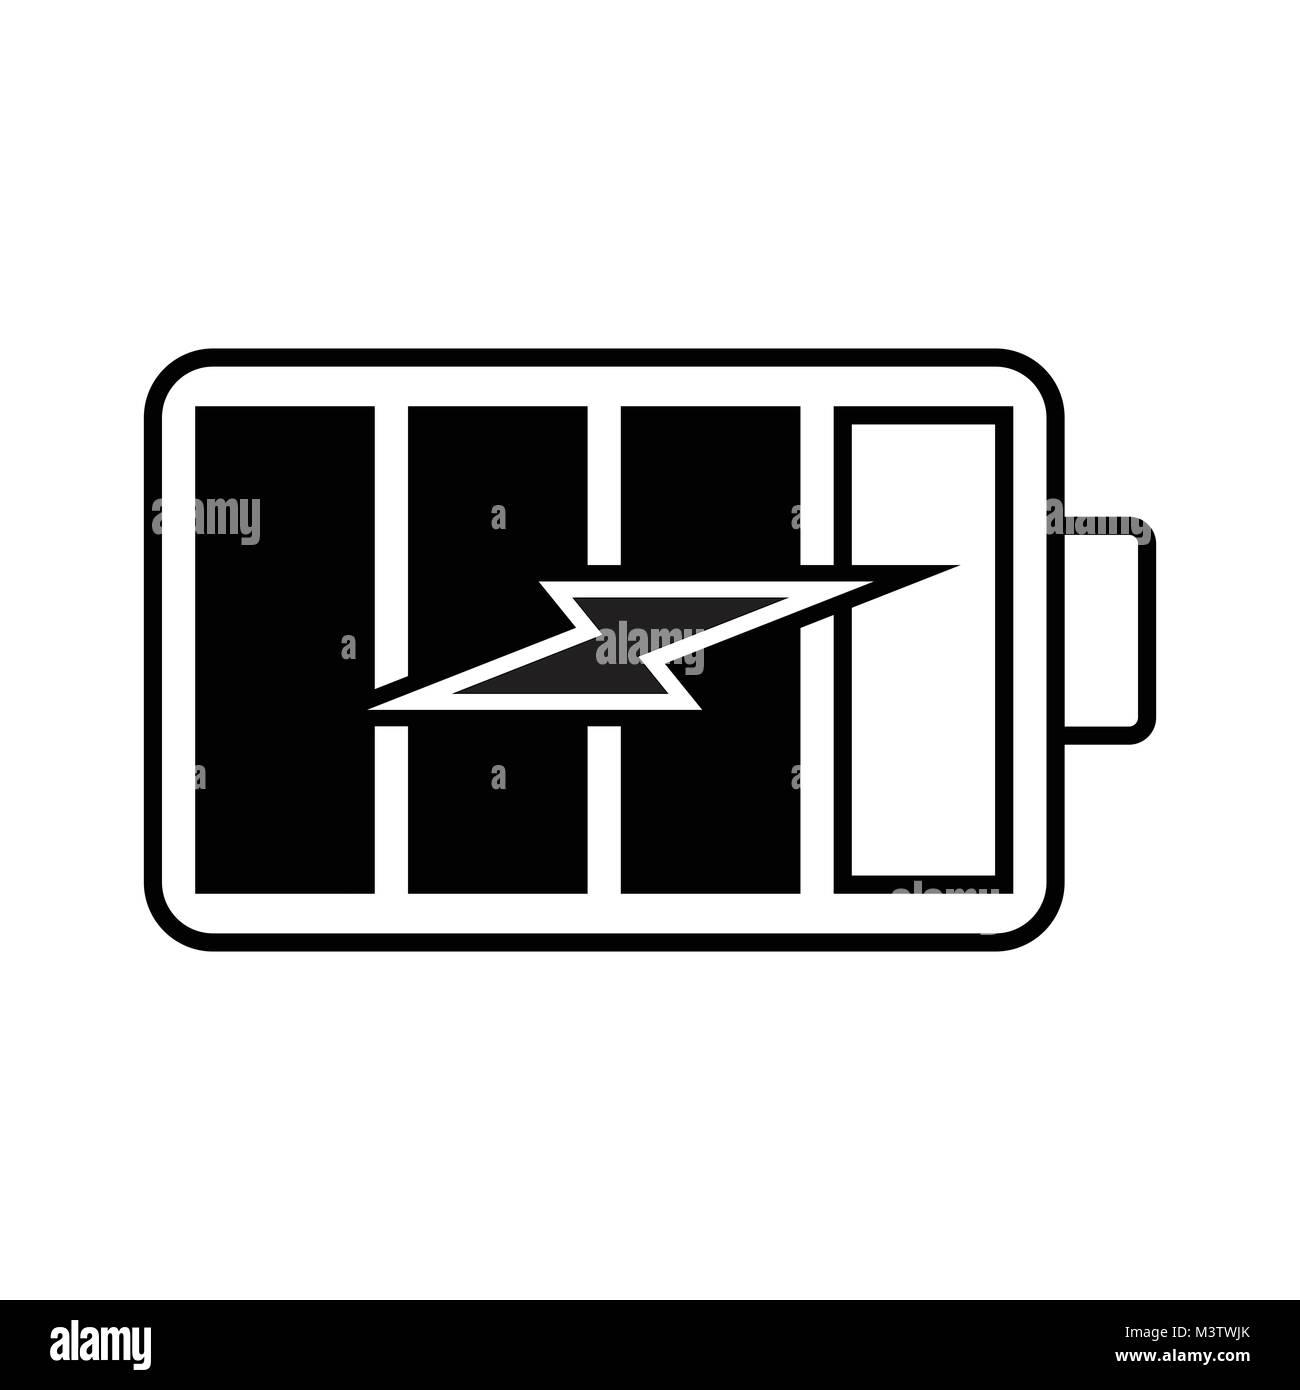 Batterie aufladen Symbol Vektor Abbildung - Bild: 174494619 - Alamy